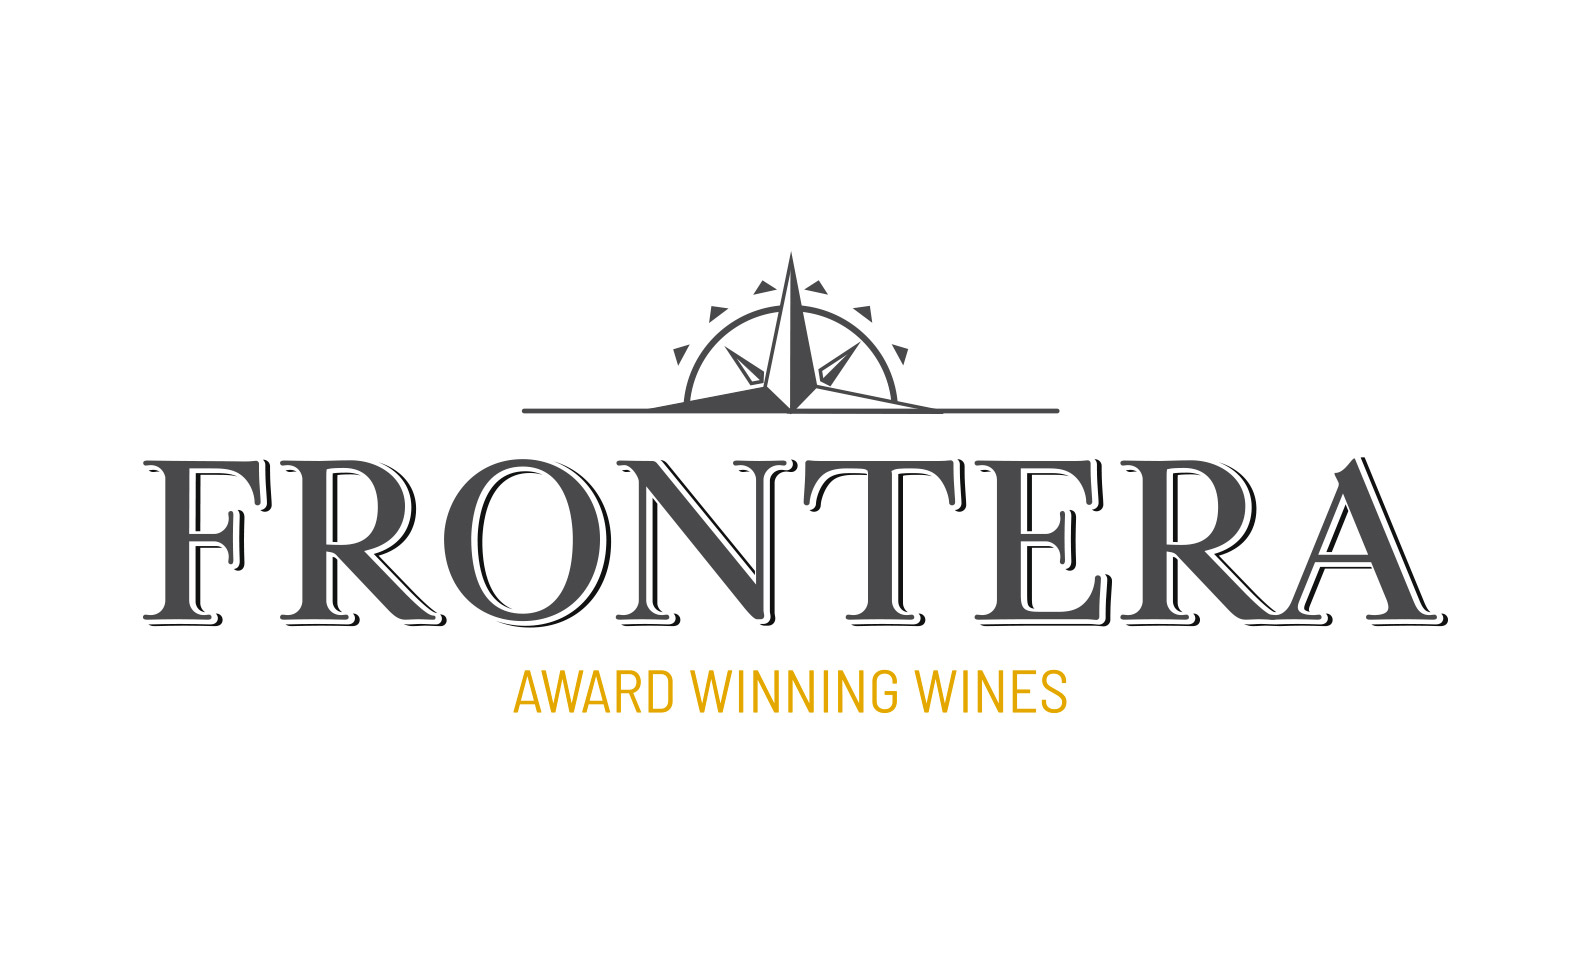 Chilean wine Frontera